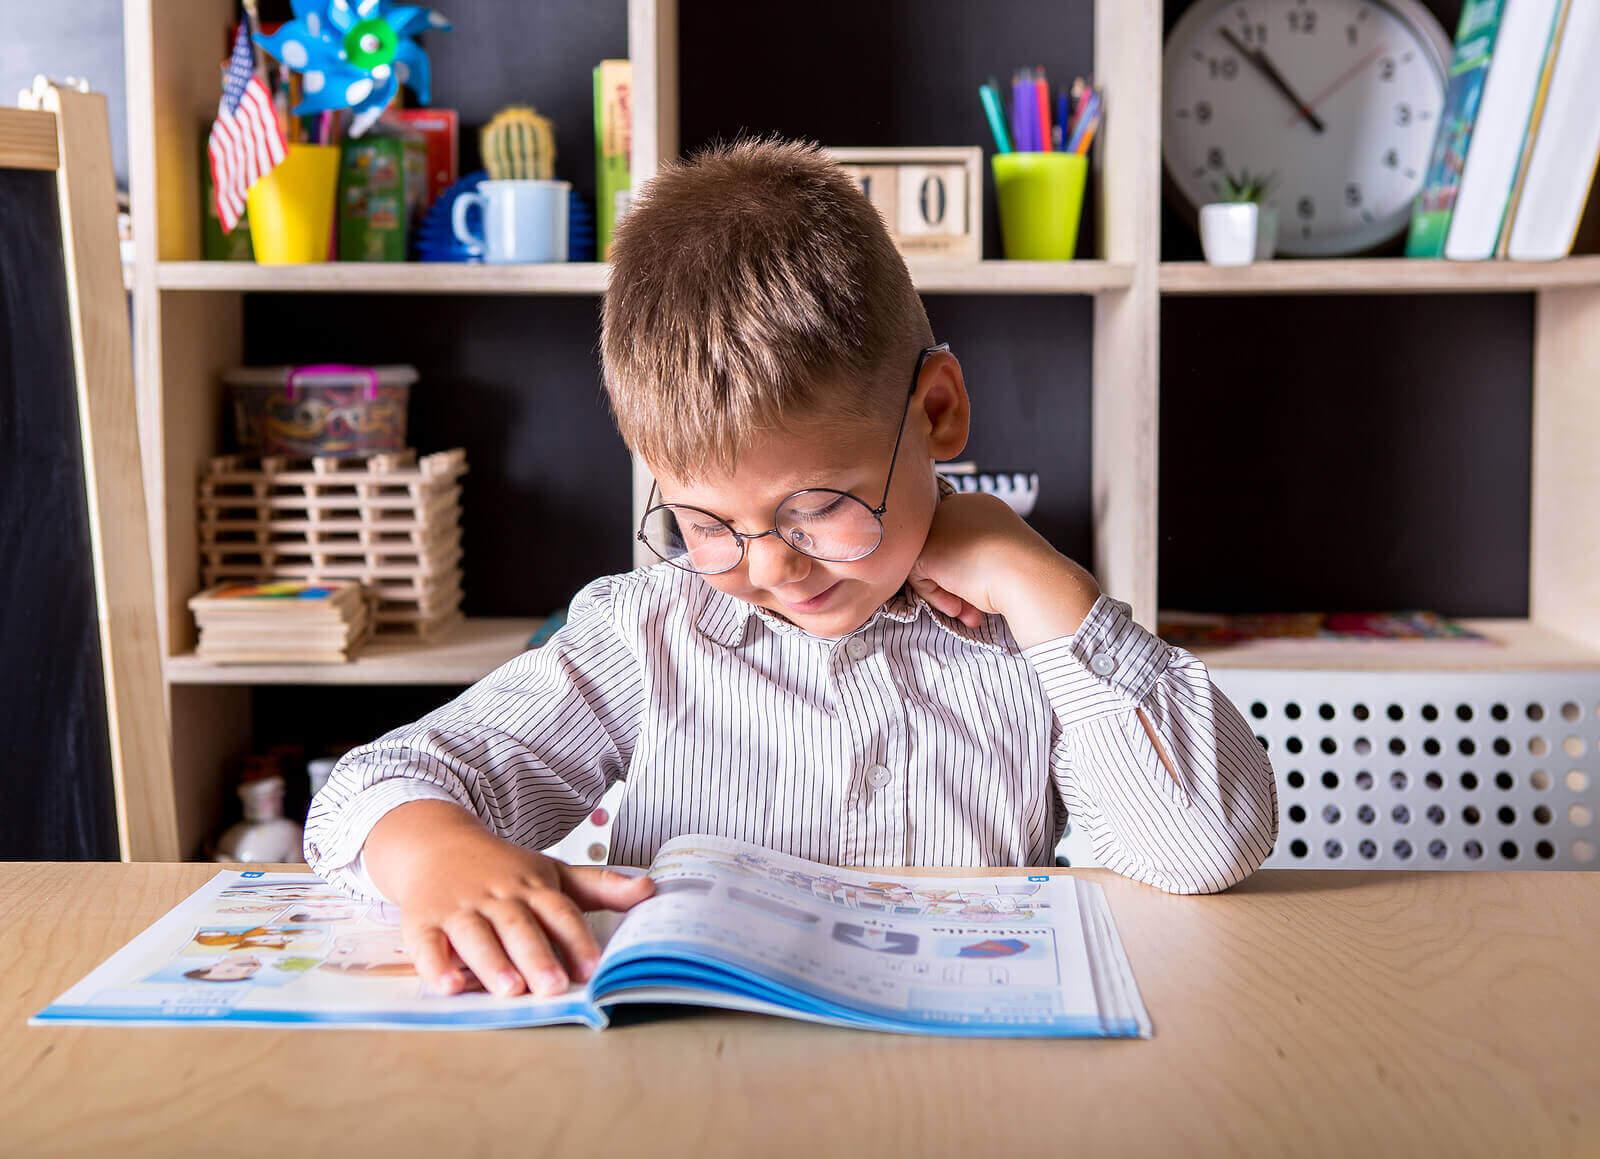 5 nøkler til å lage et egnet lekseområde hjemme